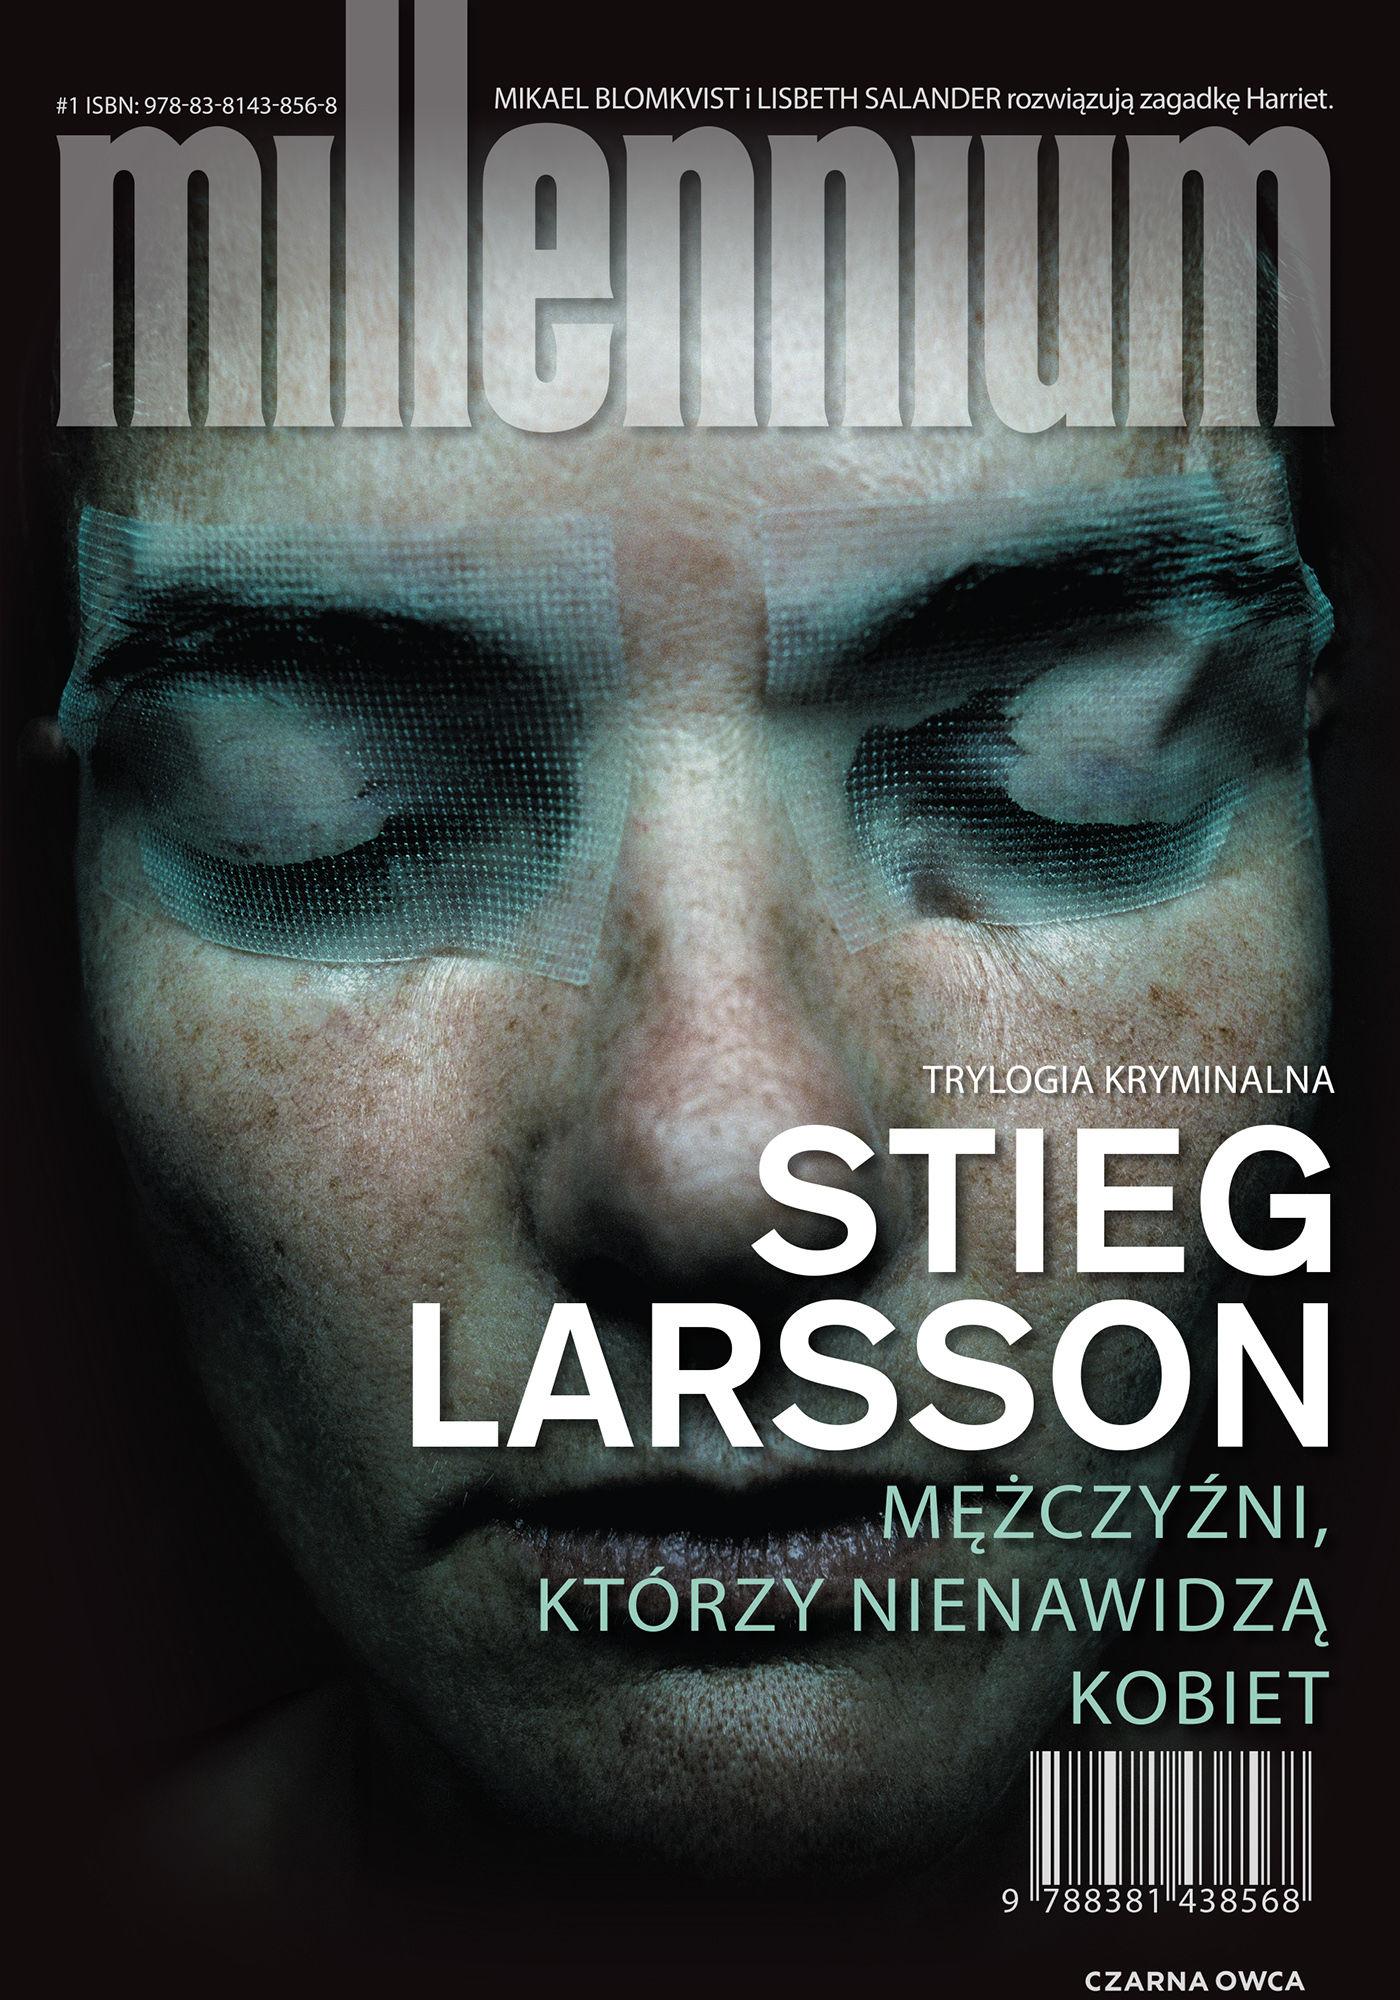 Mężczyźni, którzy nienawidzą kobiet - Stieg Larsson - ebook